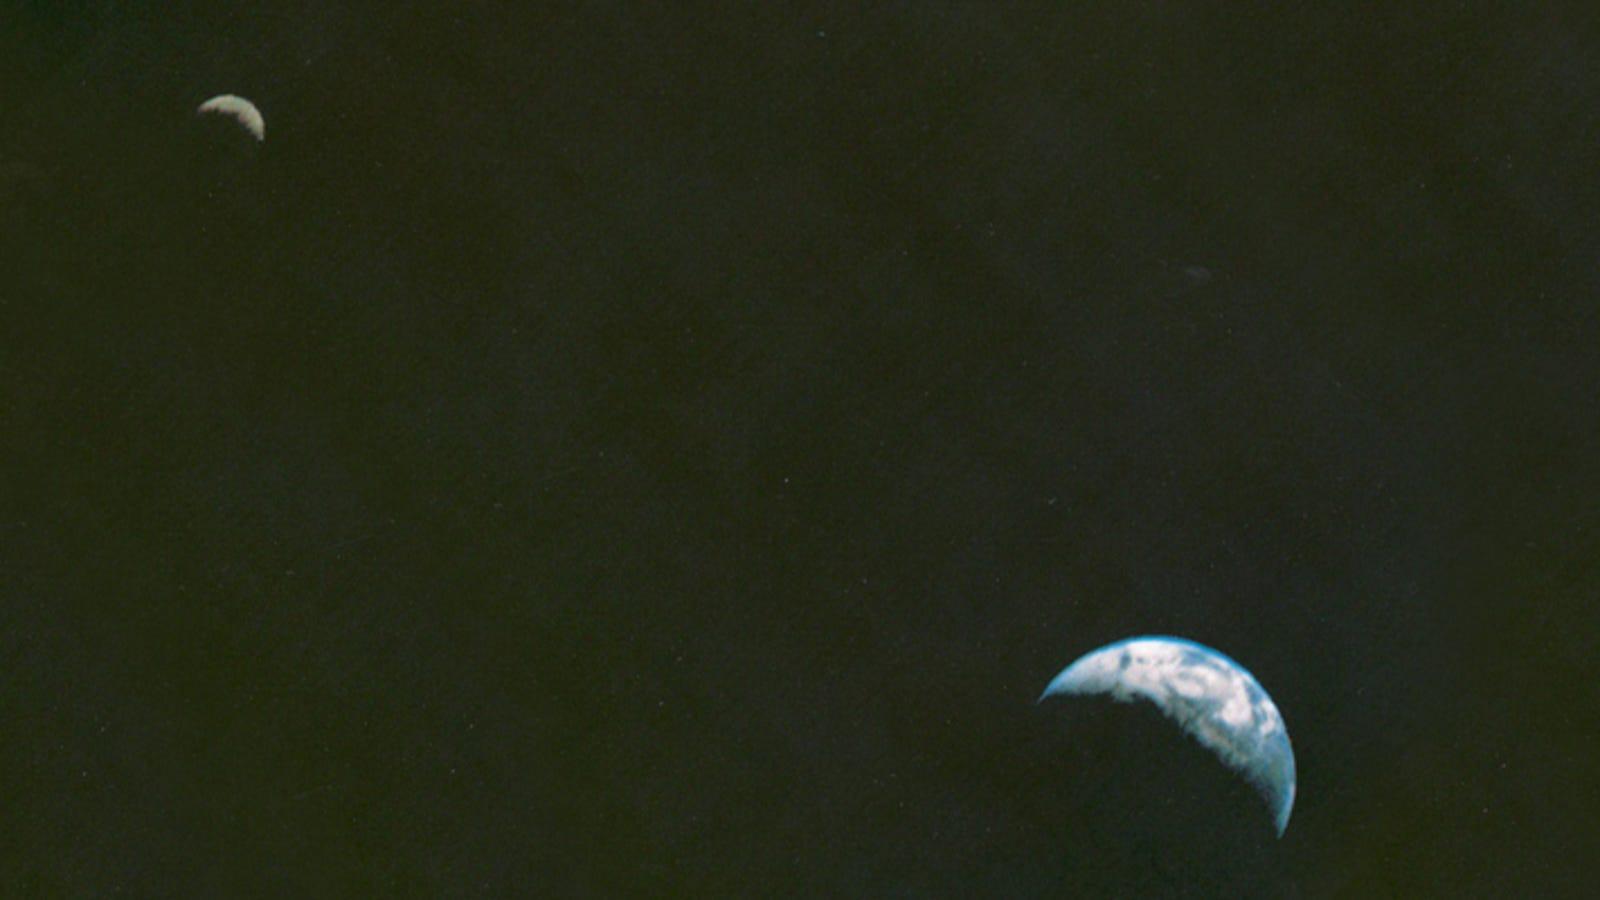 18 September dalam Sejarah: Voyager I Ambil Foto Angkasa Pertama Bumi dan Bulan